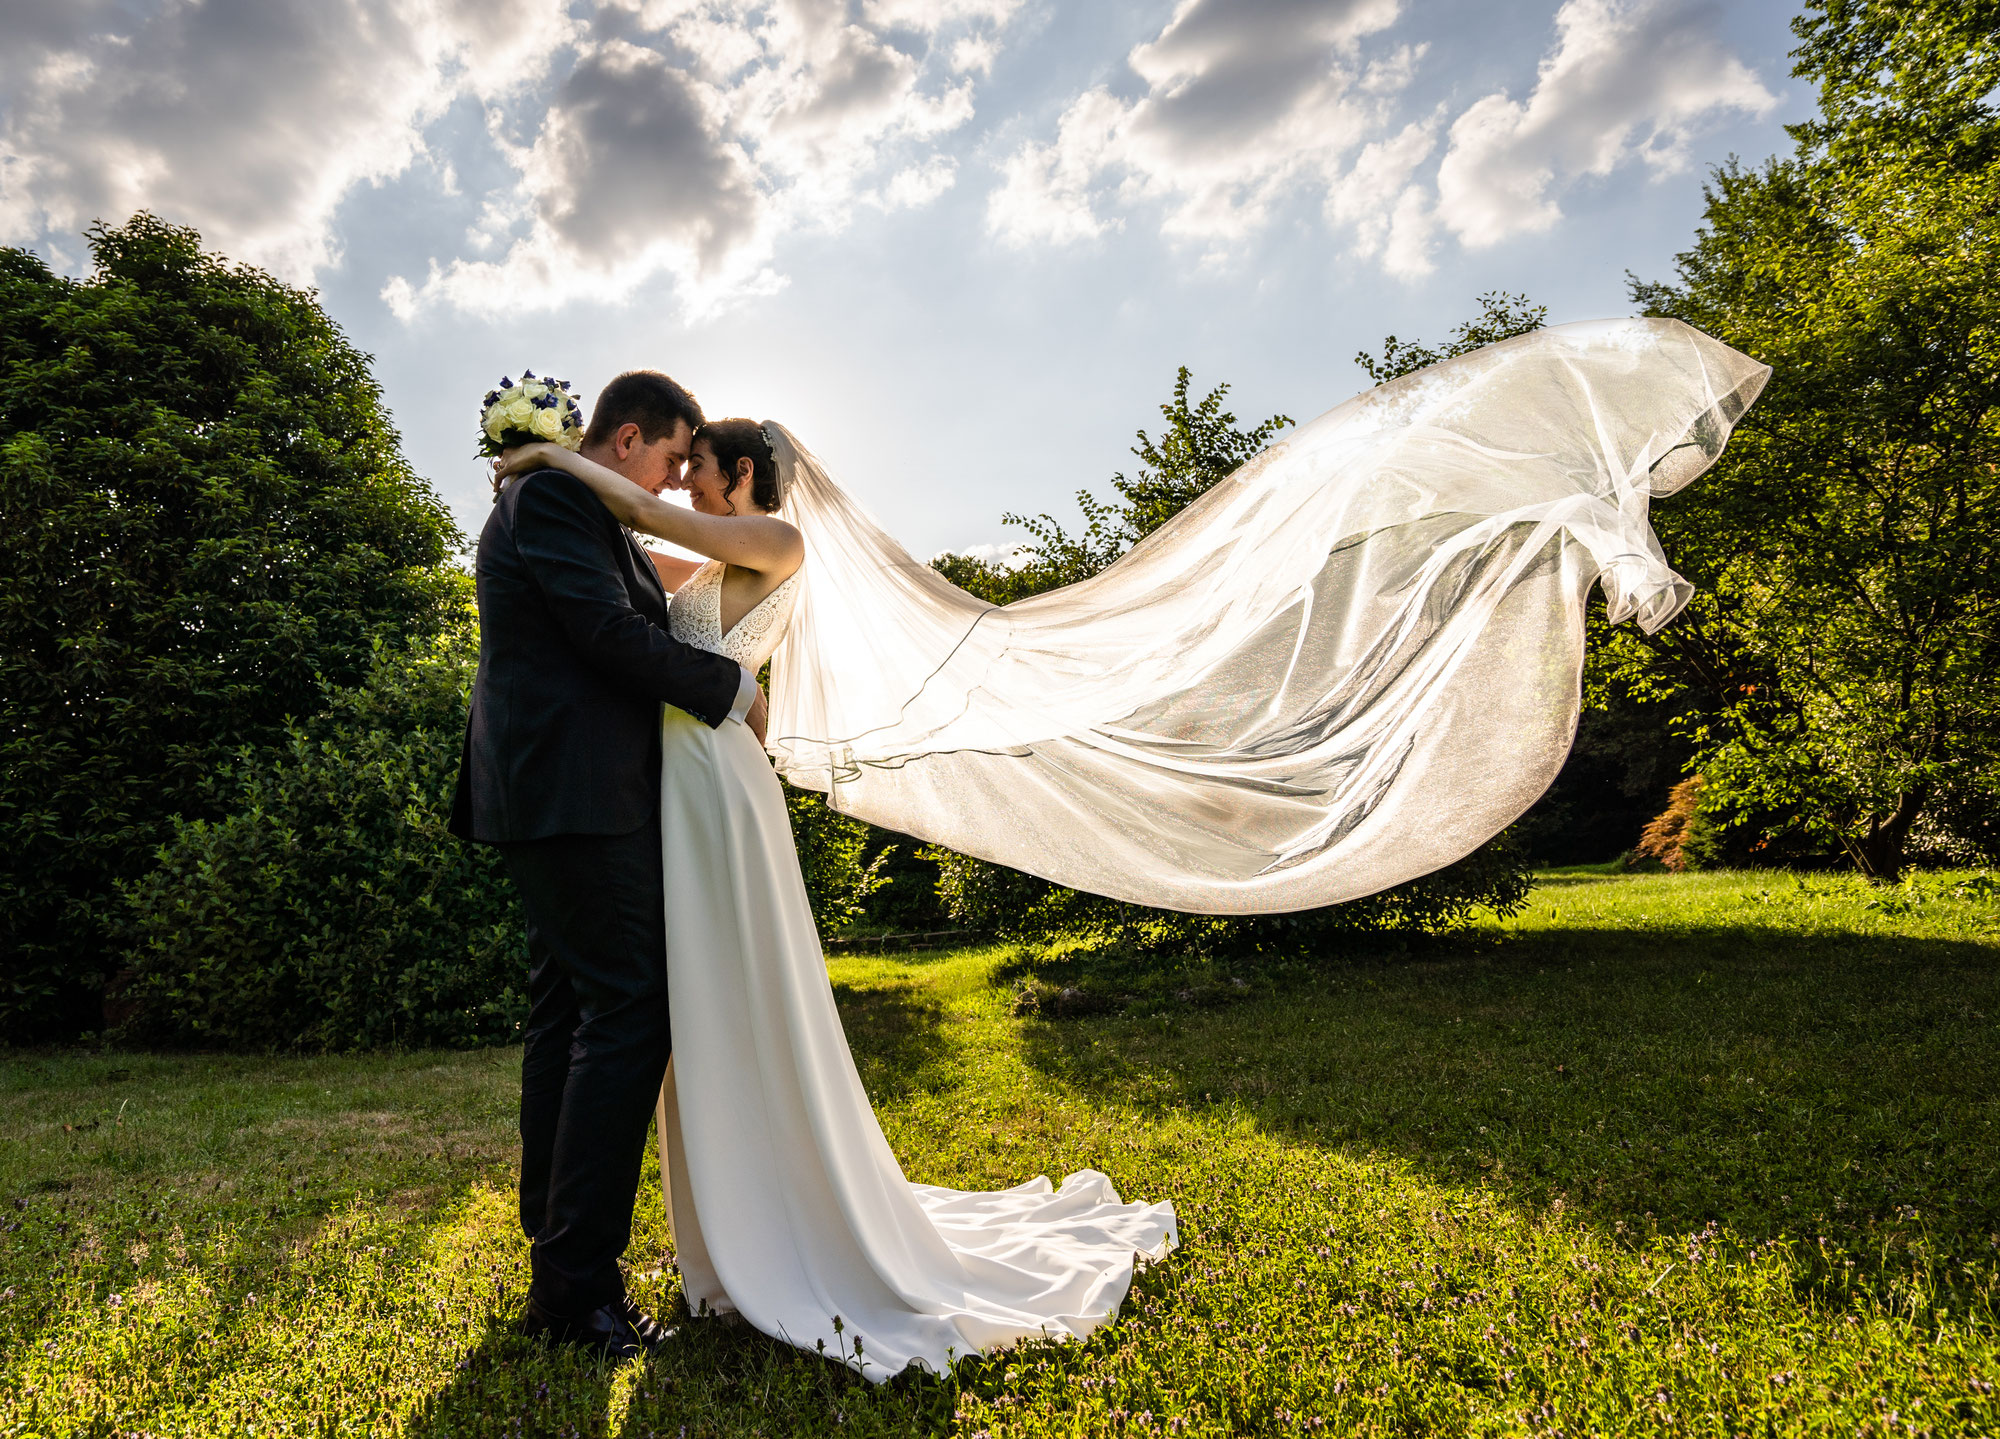 Fotografo Matrimonio Monza Brianza - Matrimonio al Fienile